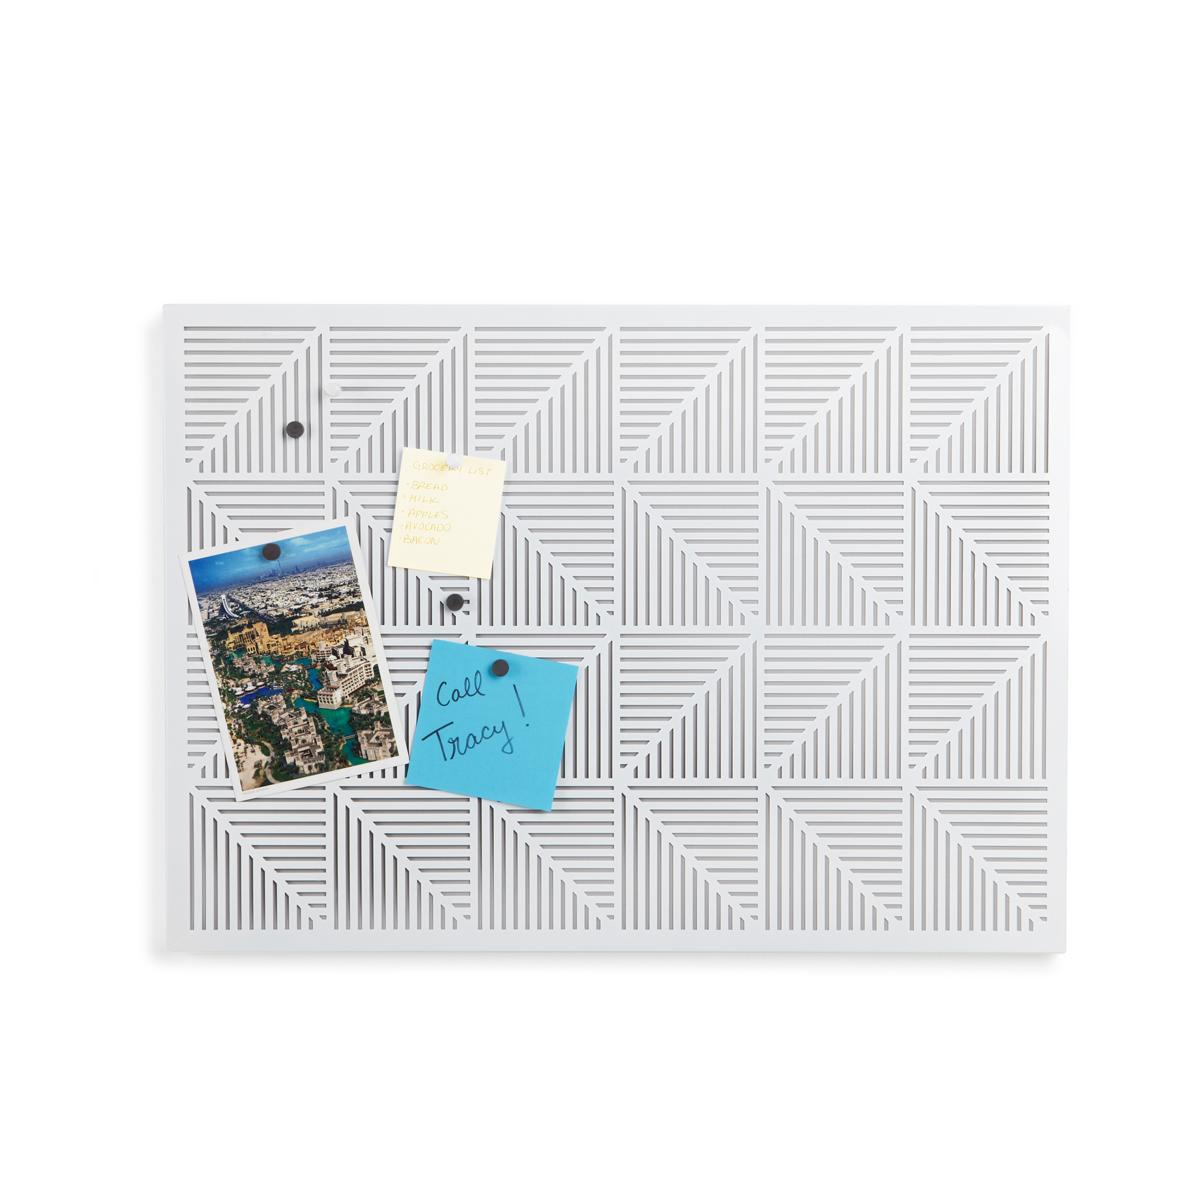 Украшение на стену Umbra Trigon, цвет: белый470790-660Строгие геометрические формы не ограничивают воображение, а наоборот, вдохновляют на творчество и создание неповторимых интерьеров. Металлические узоры на этой доске не только складываются в интересную картинку, но и удобны для использования с магнитами и кнопками. Повесьте ее горизонтально или вертикально и крепите фотографии, записки, рисунки и напоминалки. В наборе 12 кнопок и 12 магнитов. Отличный декор для офиса и кабинета.